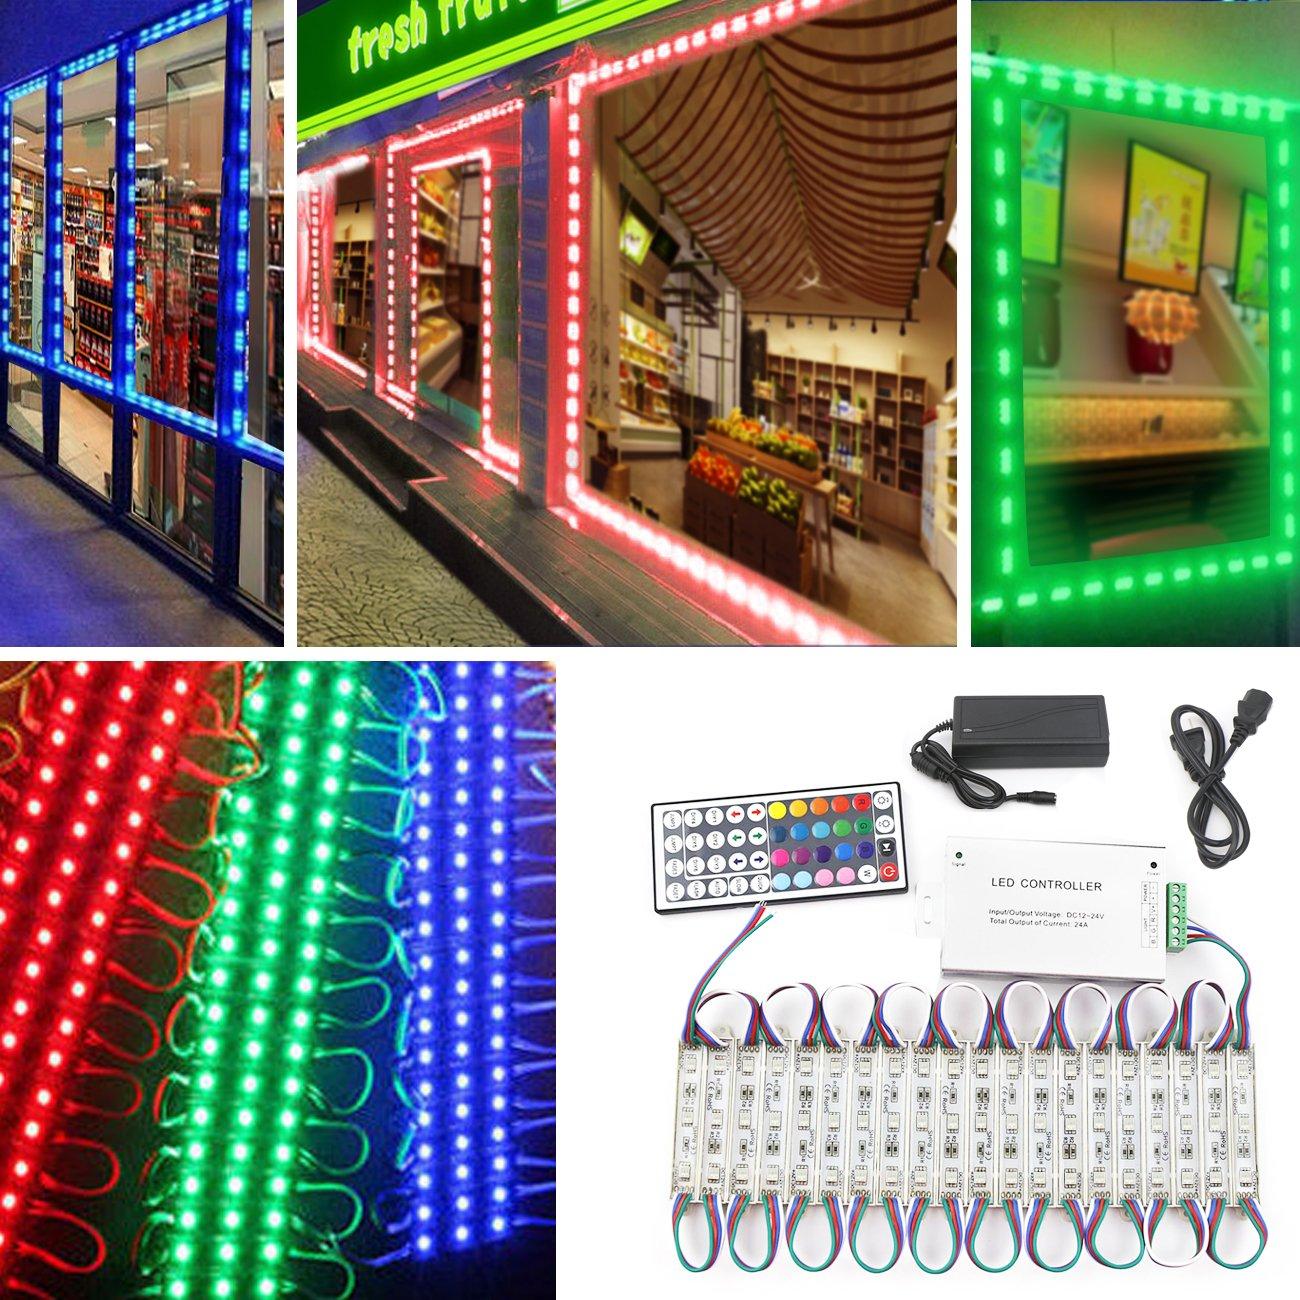 LEDライト、10ft 20ピース防水装飾ライトのショーウィンドウのLetter Sign広告サインLEDライトモジュール、LEDモジュールストアフロントウィンドウサインストリップライト RGB light B07D2DRHQJ 28694   RGB light